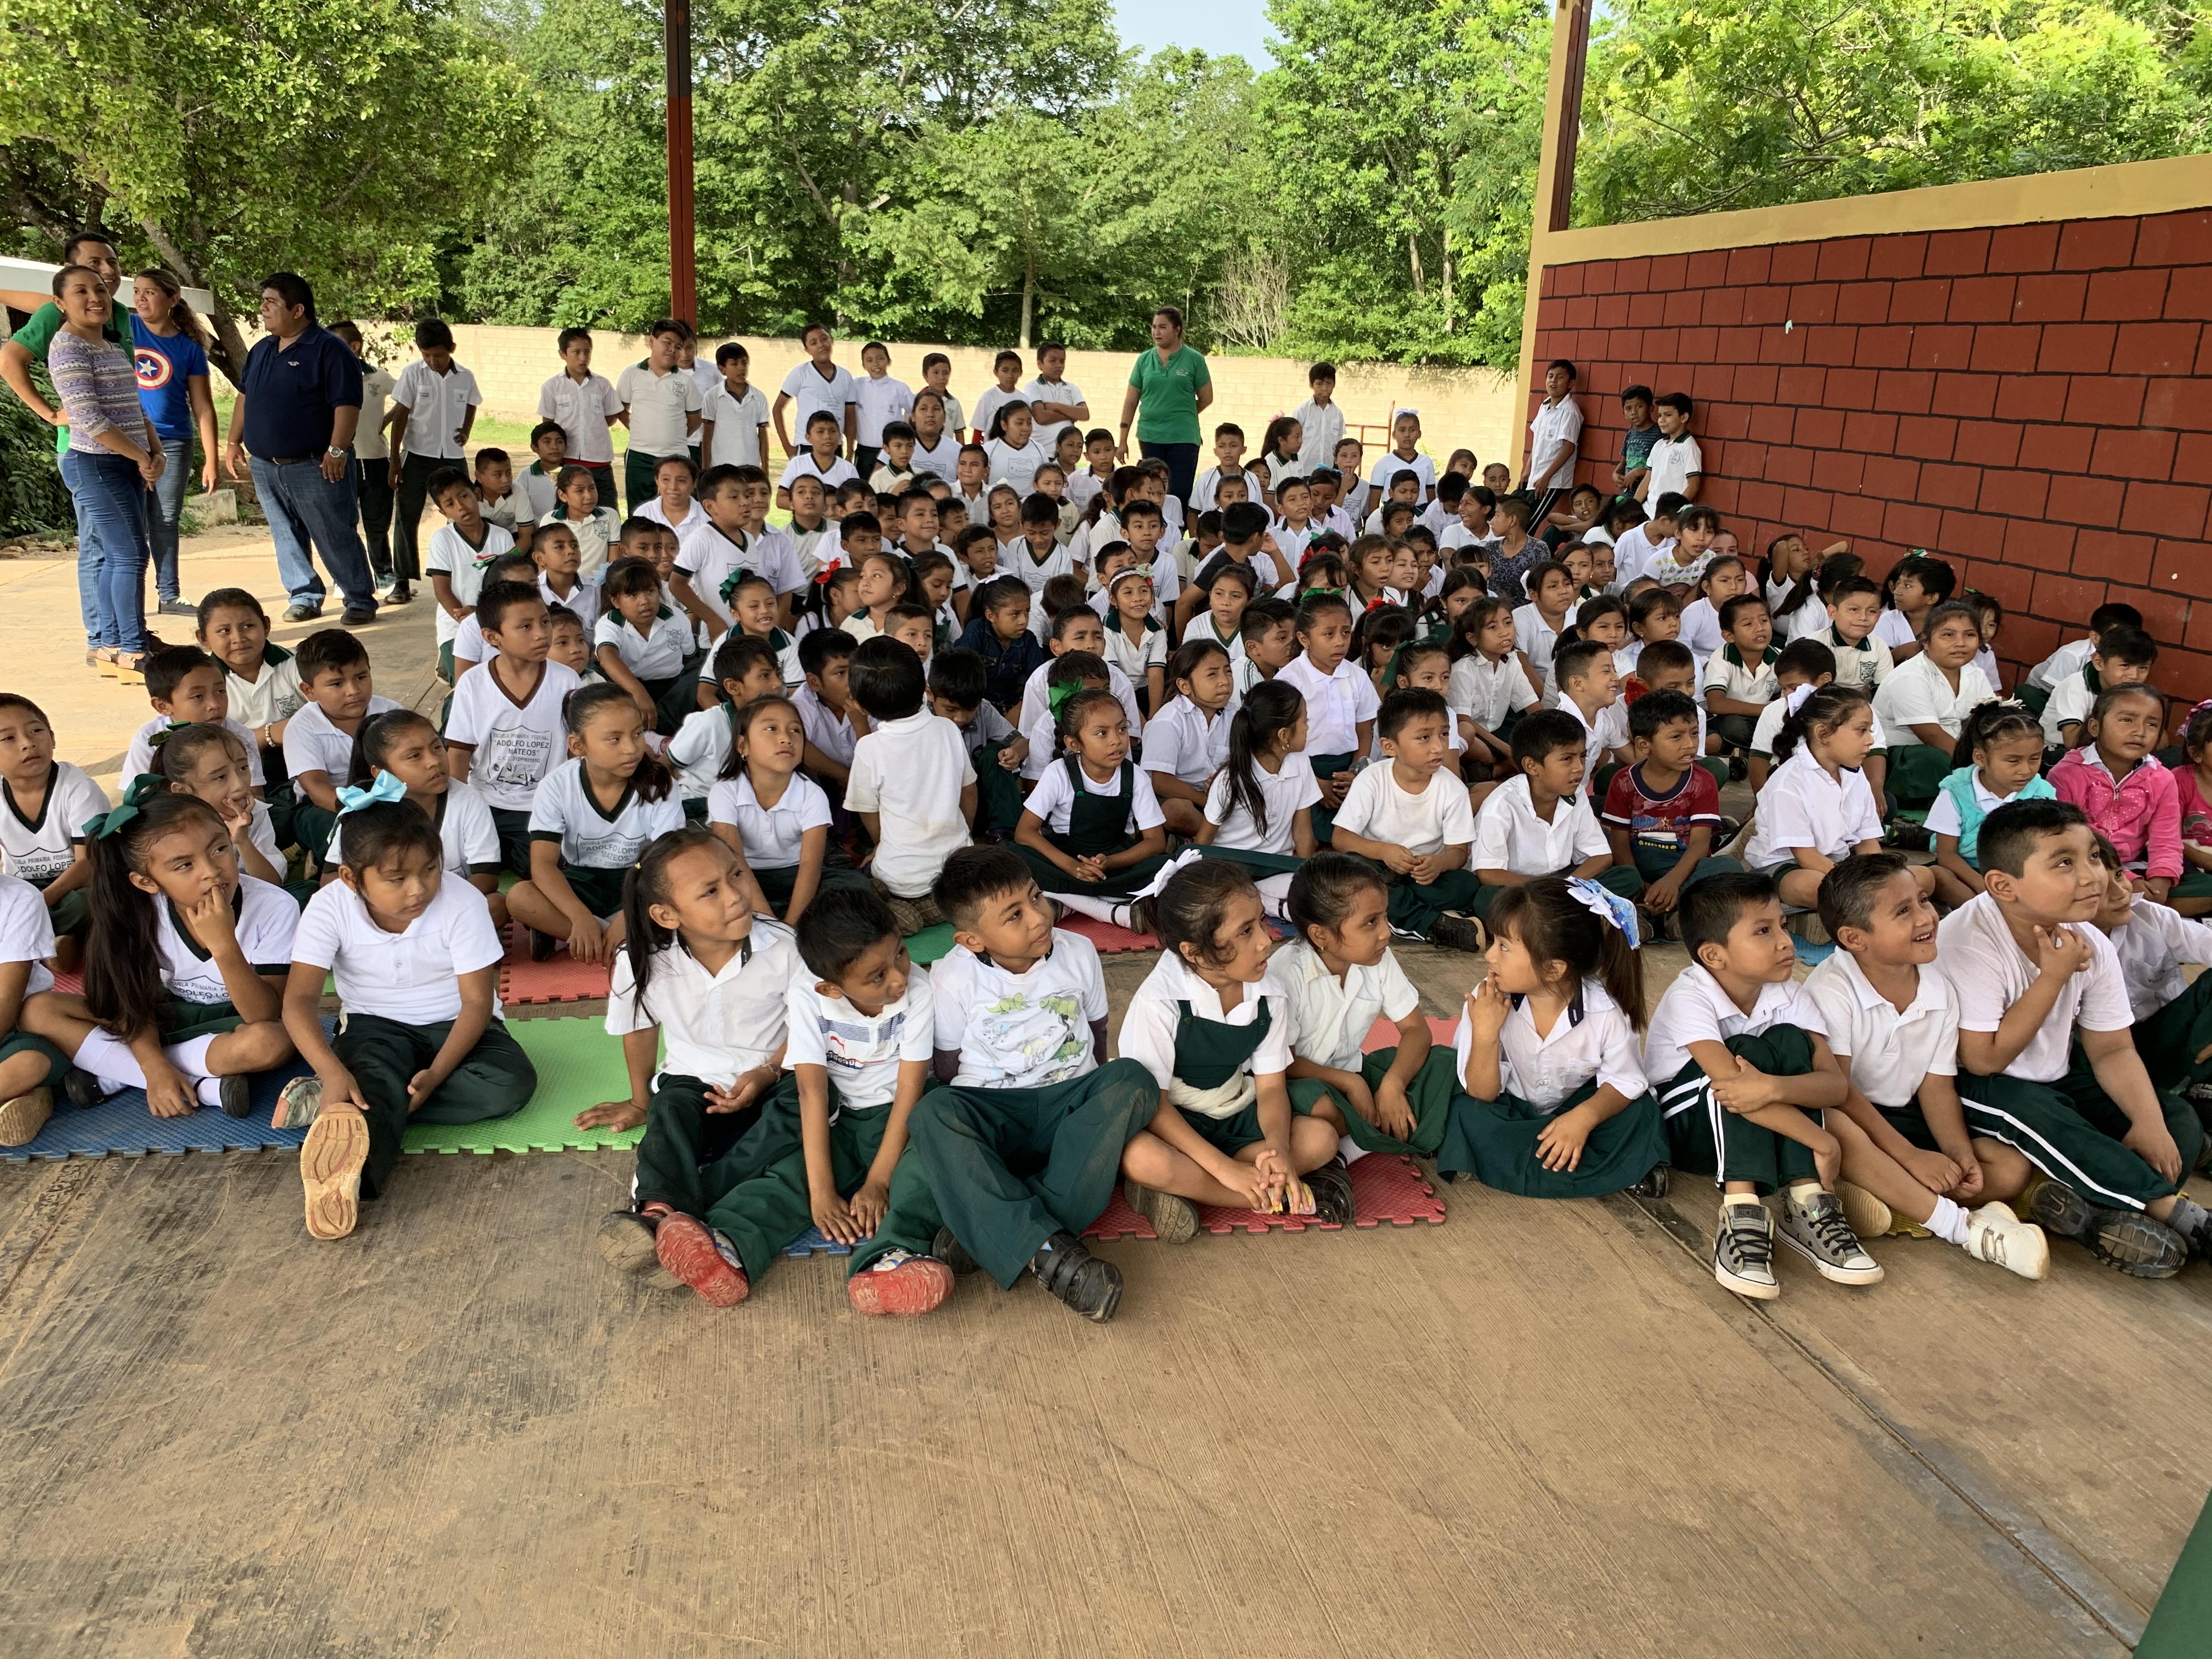 Programas de Prenvención del Delito en la primaria Adolfo López Mateos en Huhí